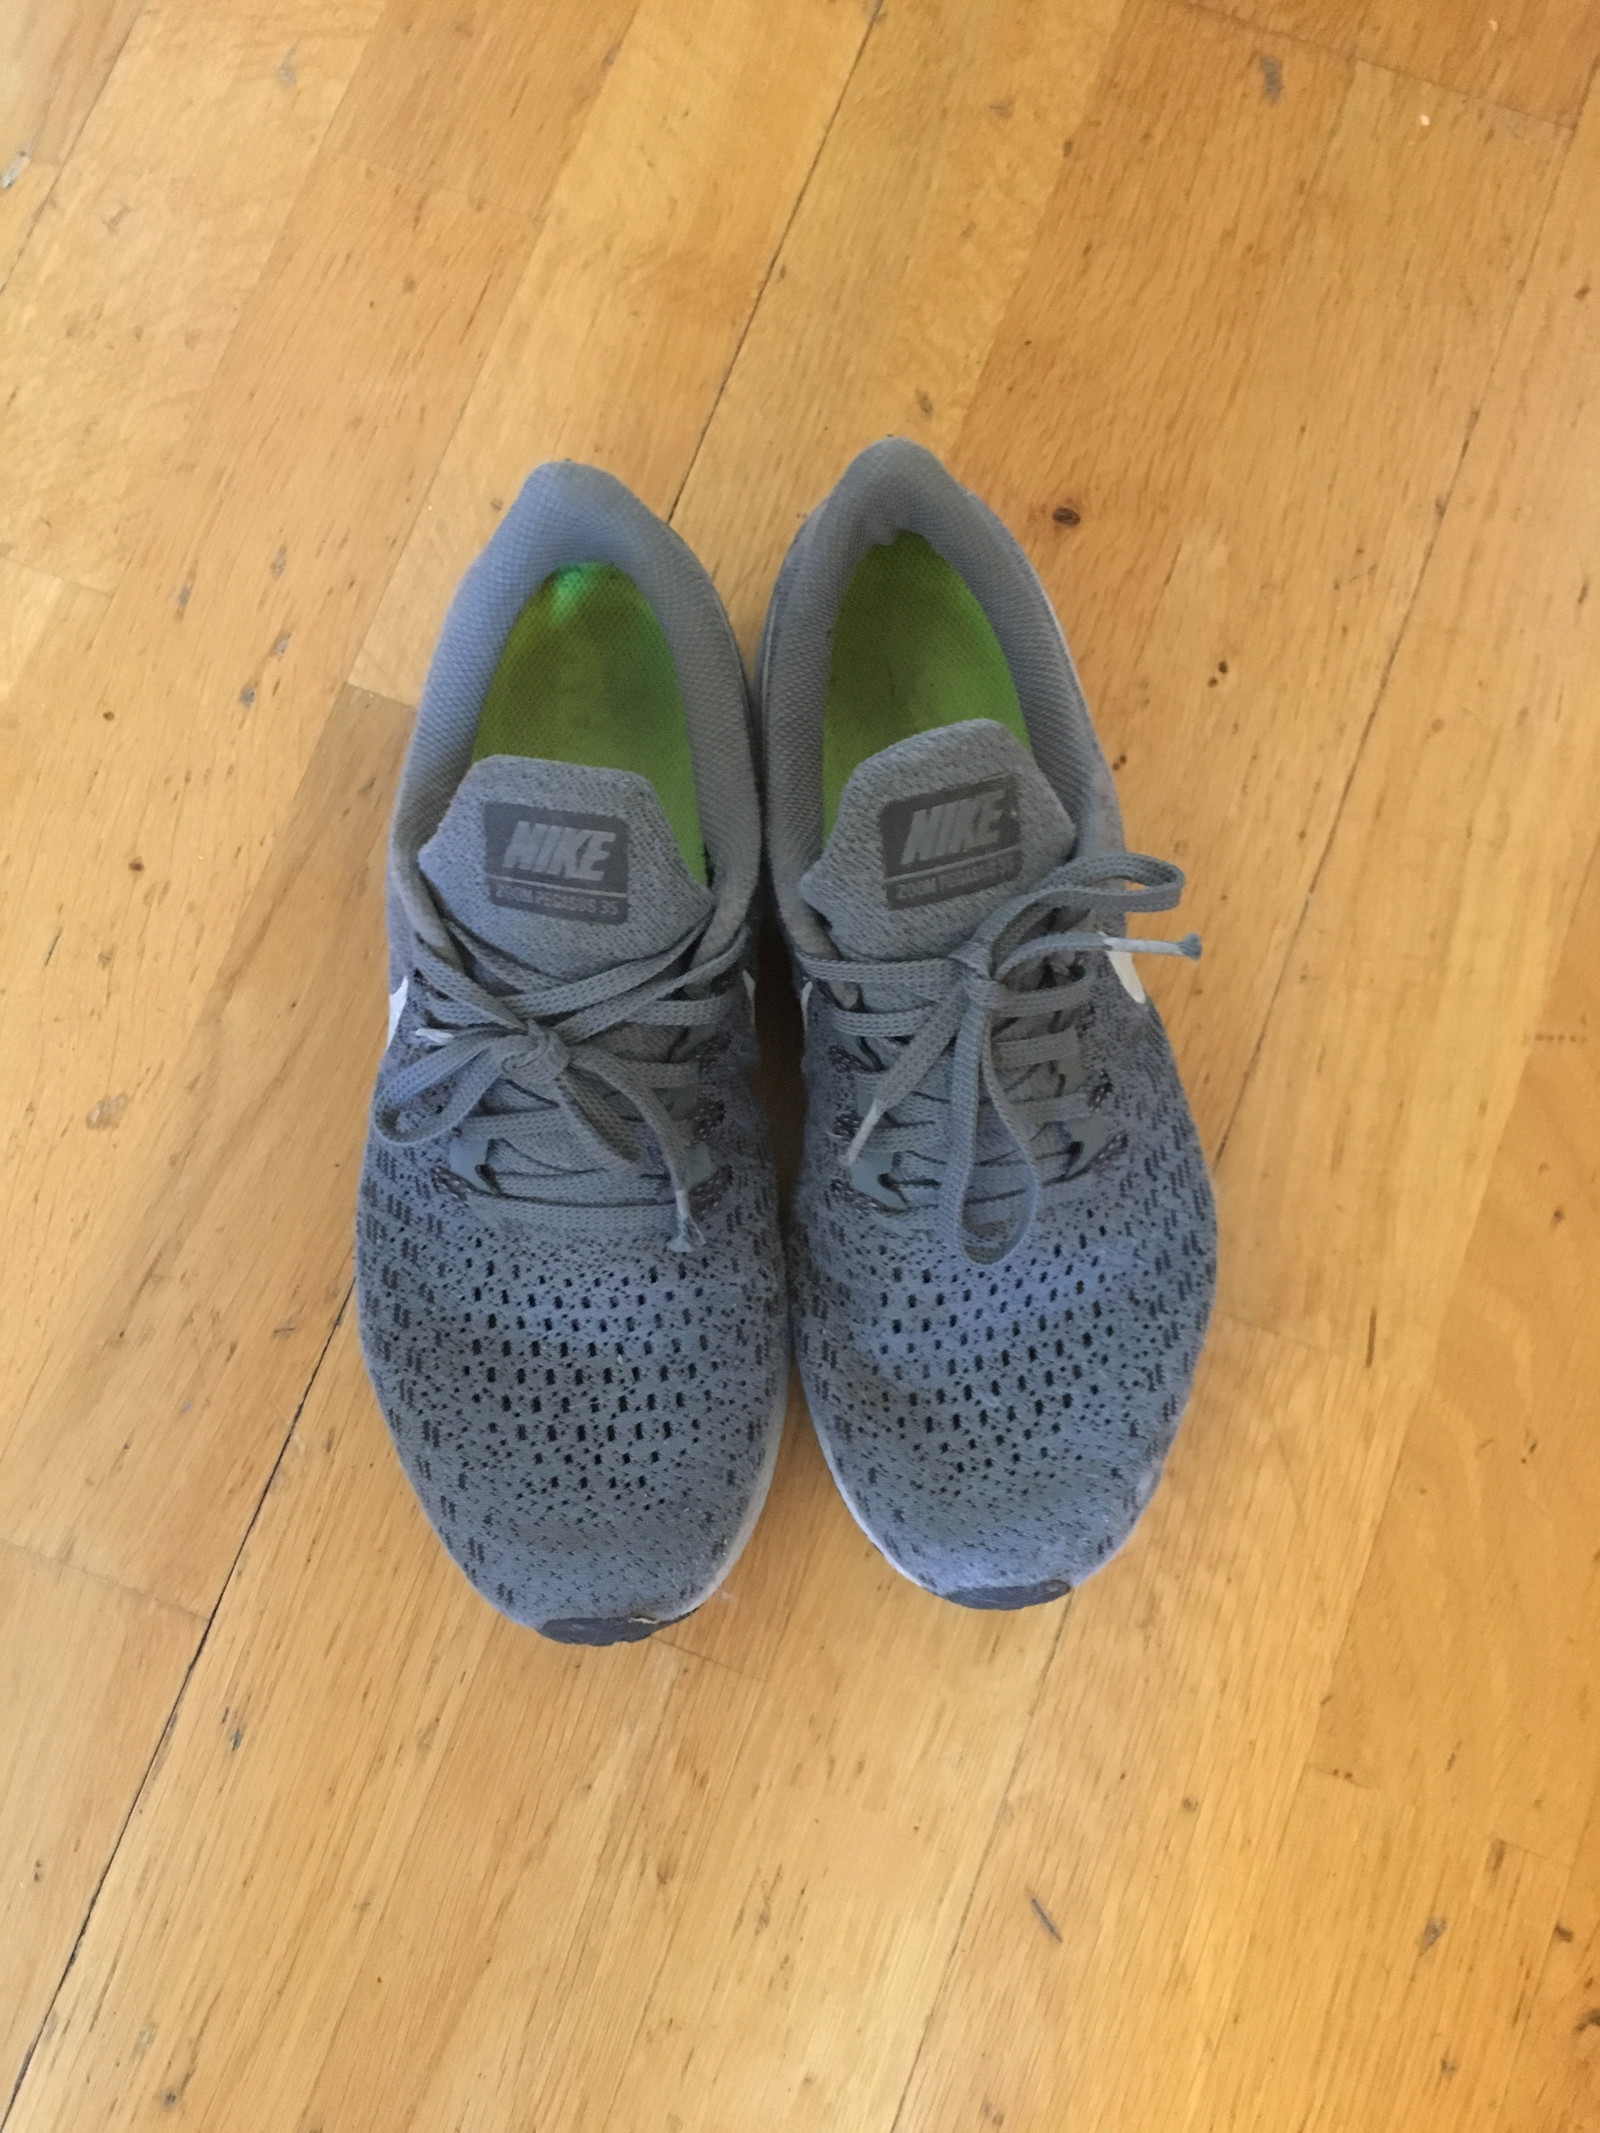 Brukte Nike sko selges | FINN.no